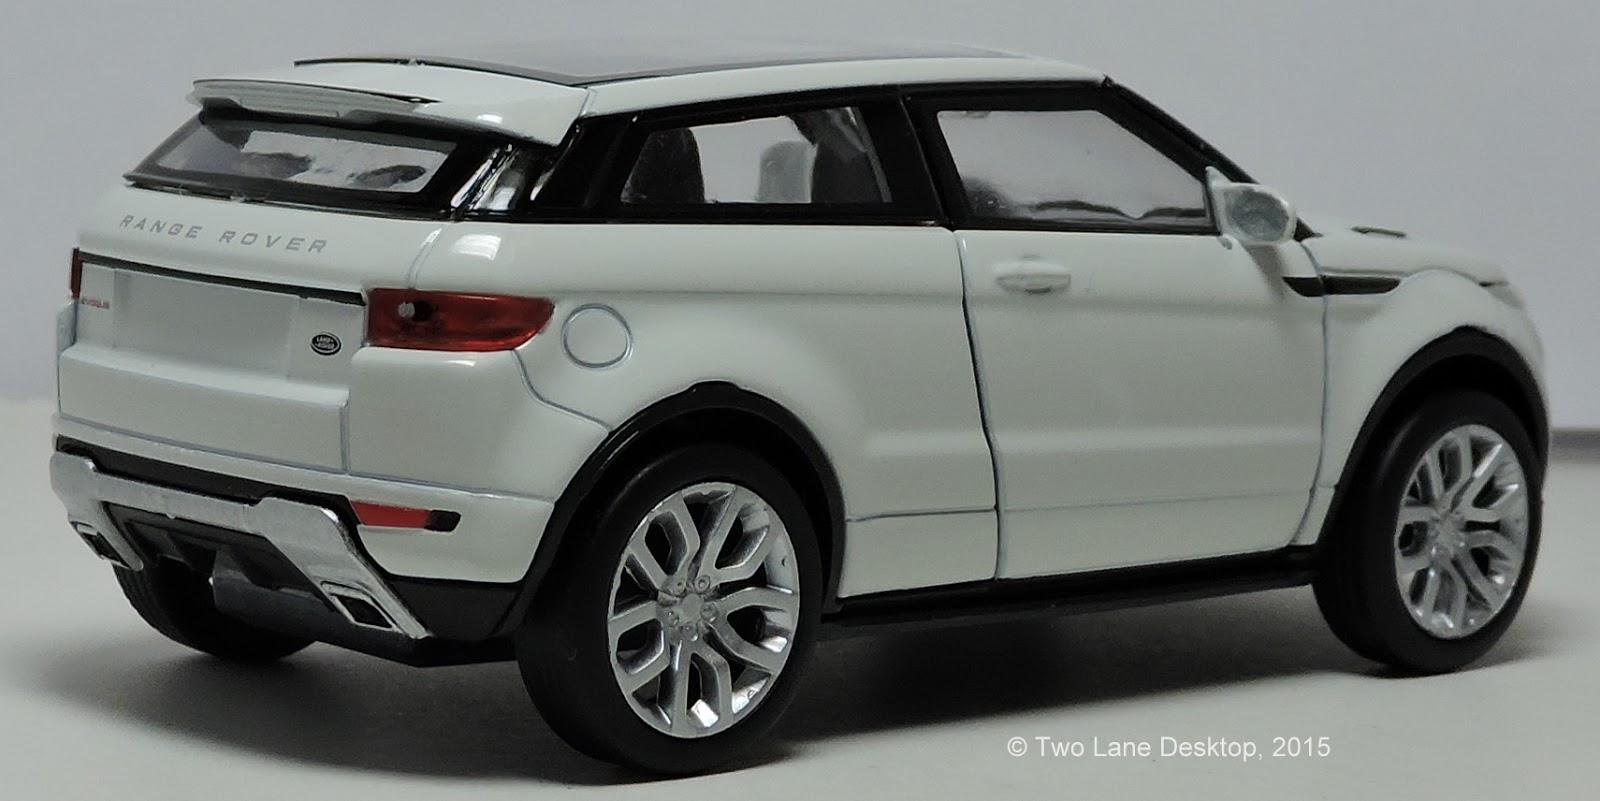 Two Lane Desktop: Welly 1:43 Range Rover Evoque 2-door